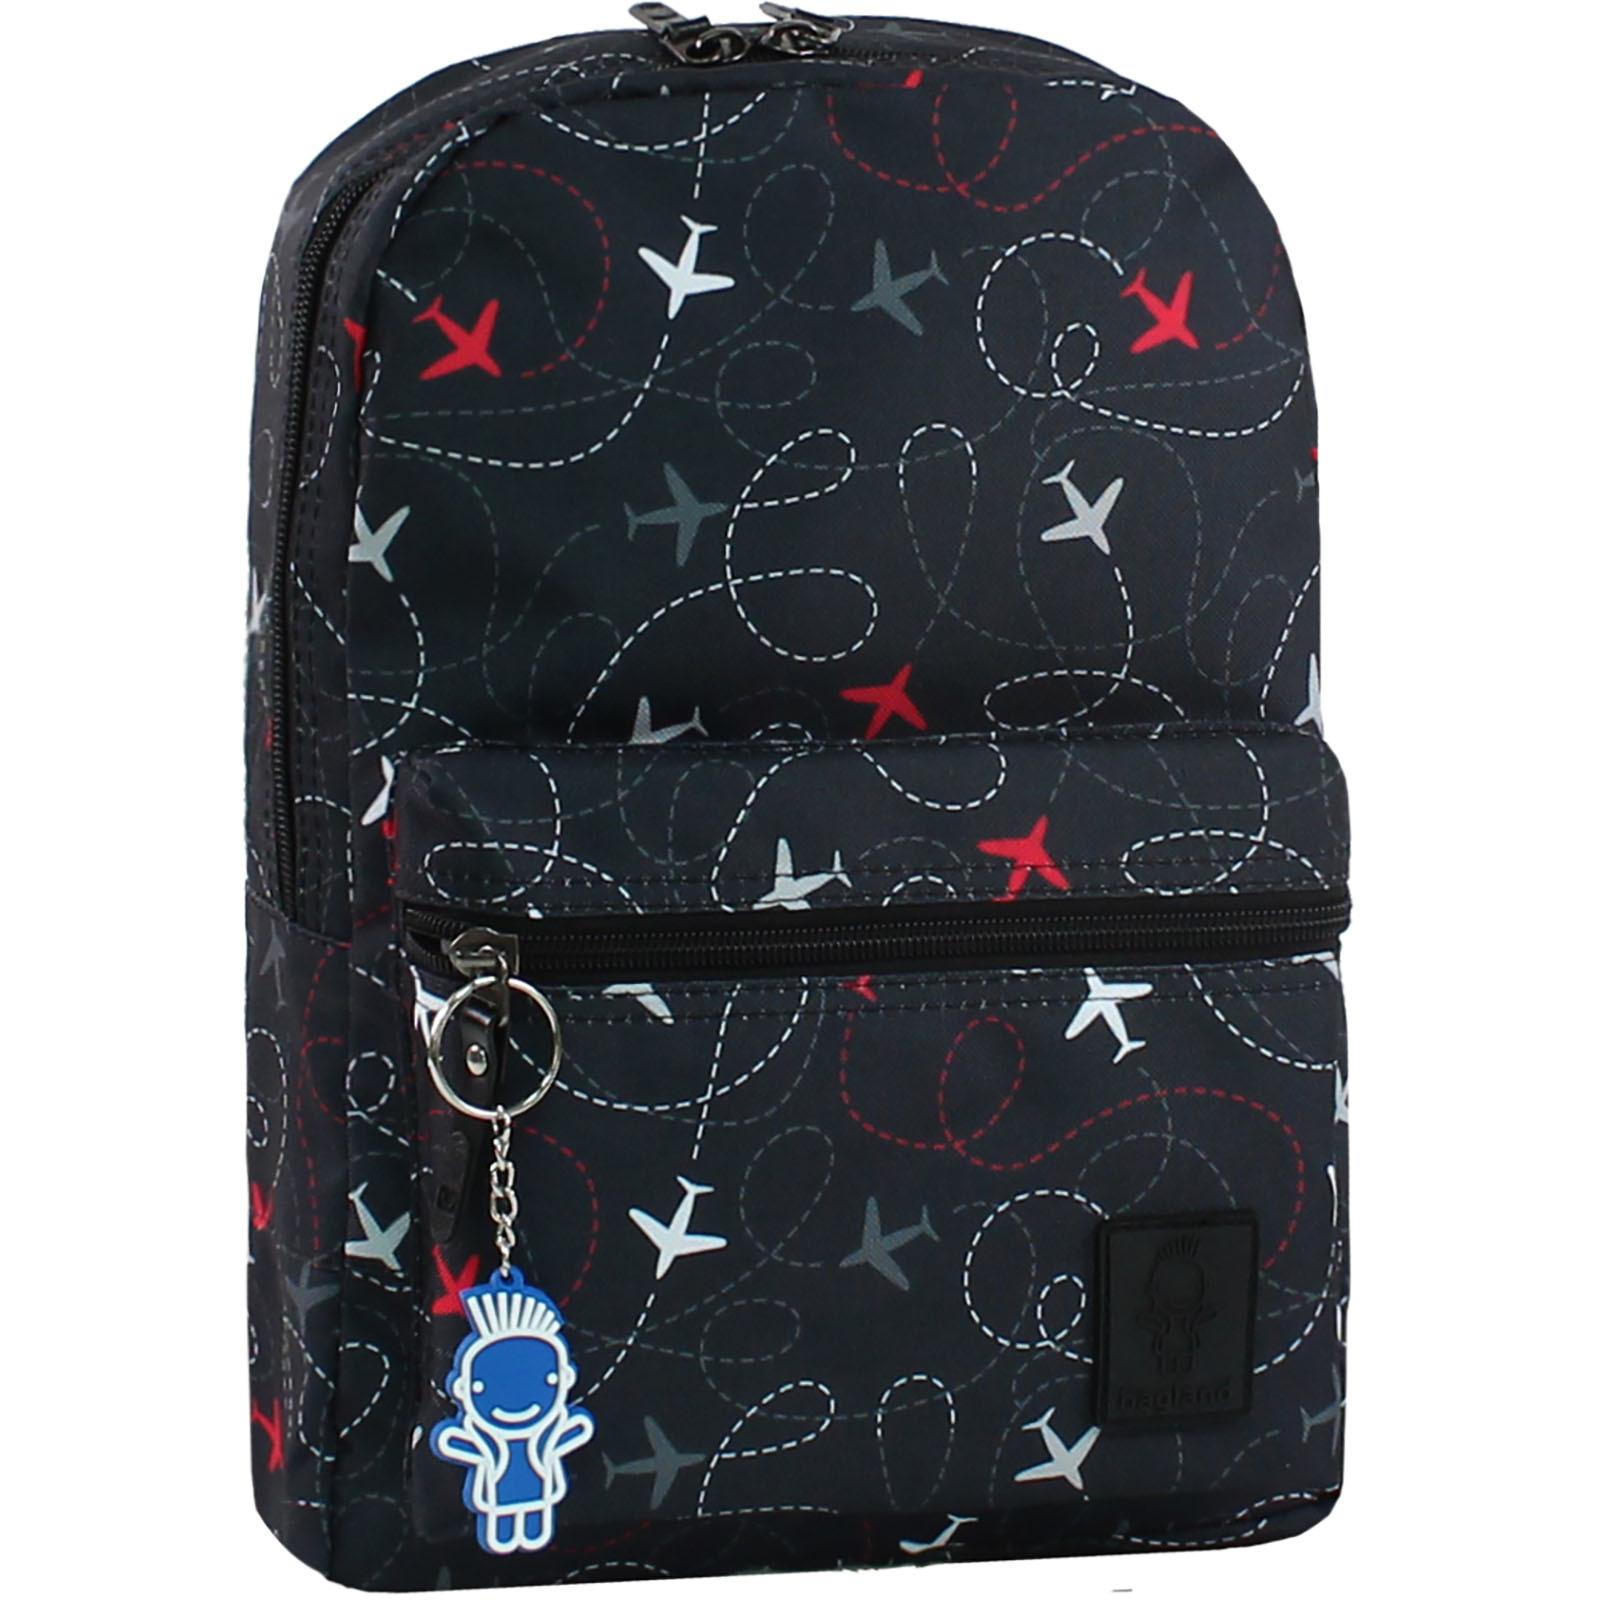 Детские рюкзаки Рюкзак Bagland Молодежный mini 8 л. сублимация 265 (00508664) IMG_7978.JPG